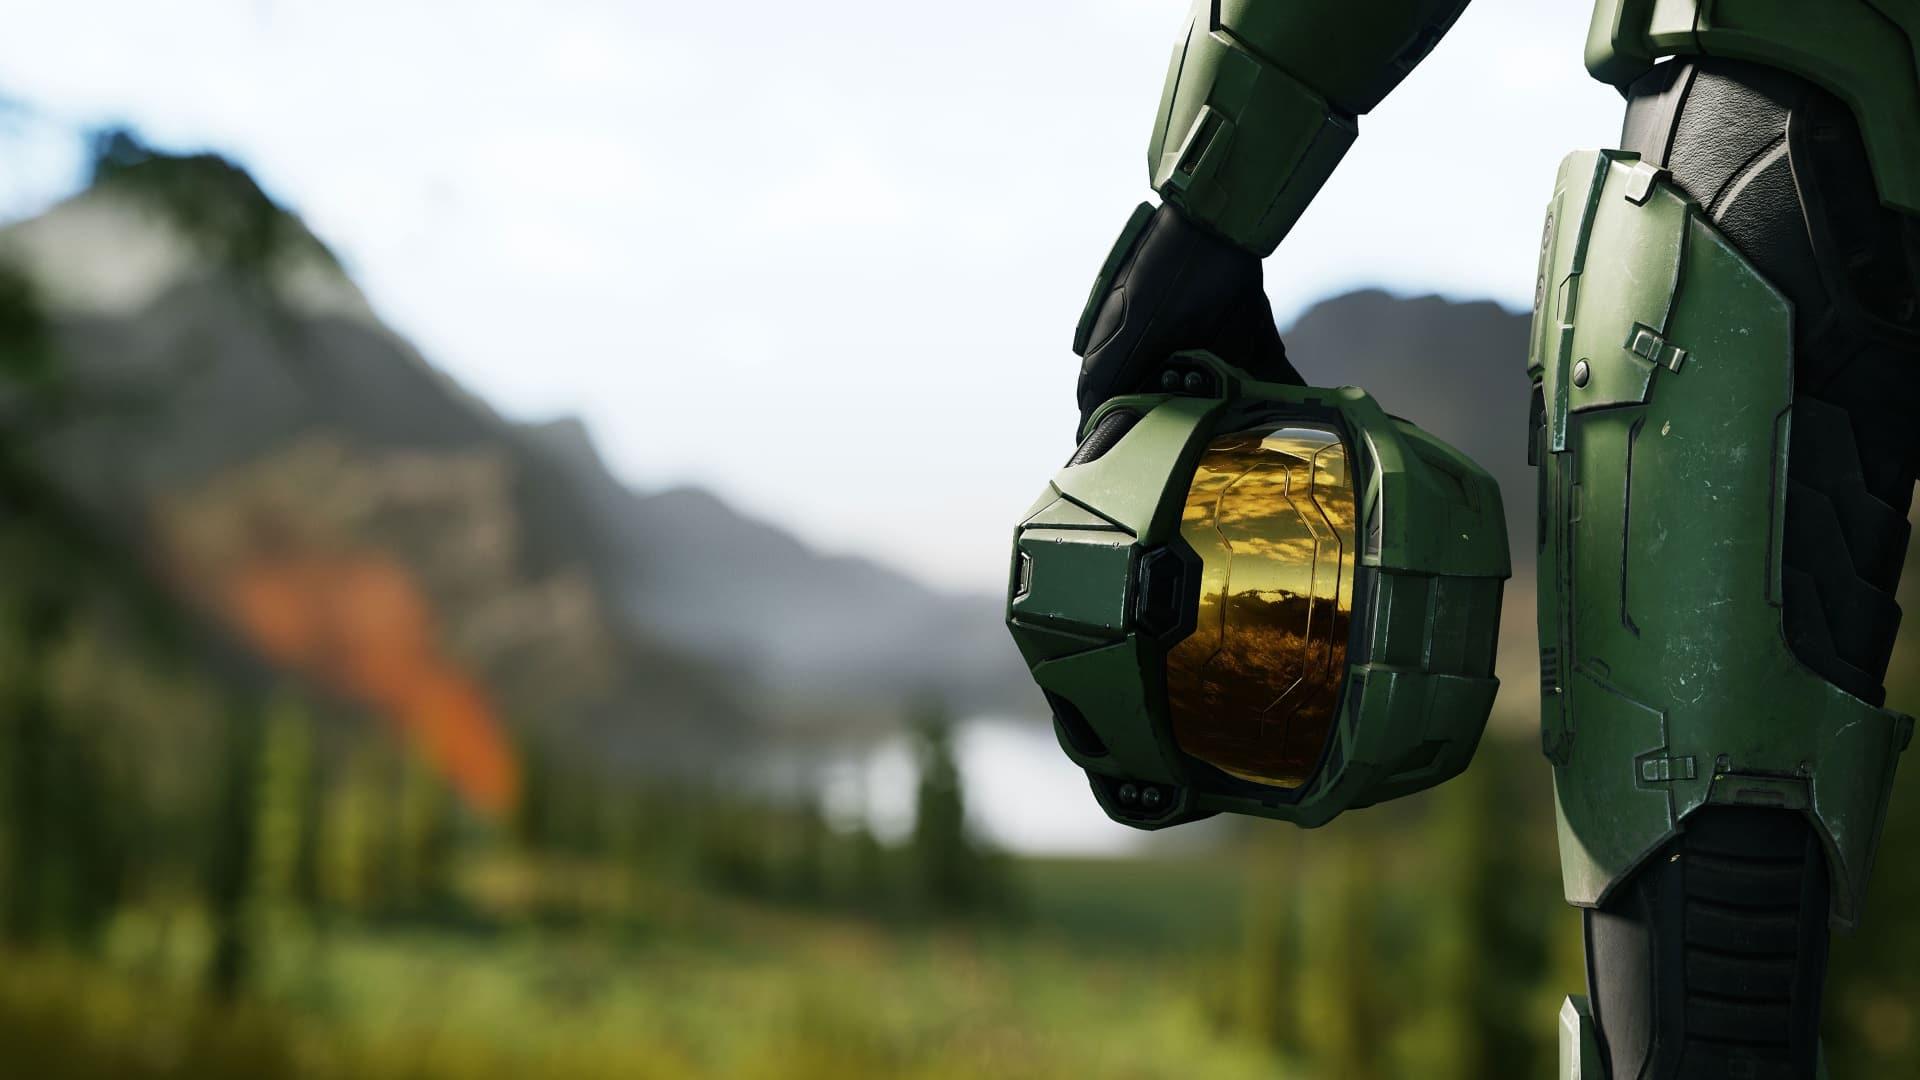 بازی Halo Infinite در زمان انتشار شامل حالت Forge نخواهد بود